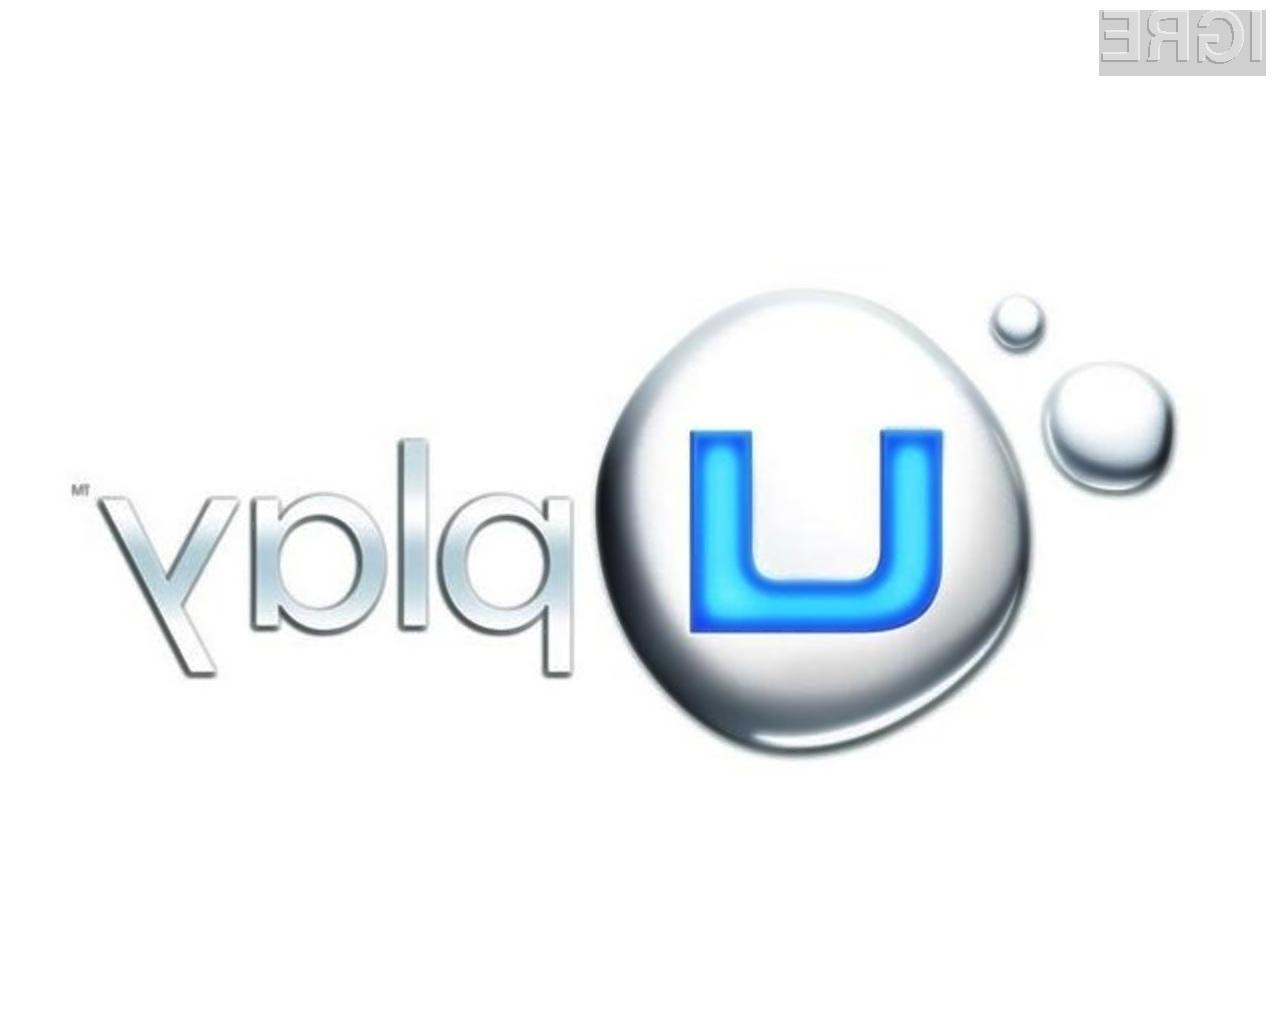 Odjemalec uPlay ogroža varnost uporabnikov Ubisoftovih računalniških iger.